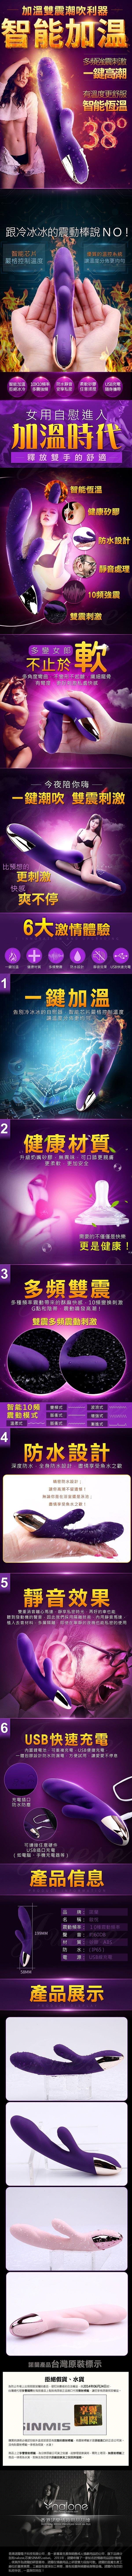 附圖2-香港Funme-啟悅 Carey 10段變頻G點陰蒂防水按摩棒-紫-加溫款